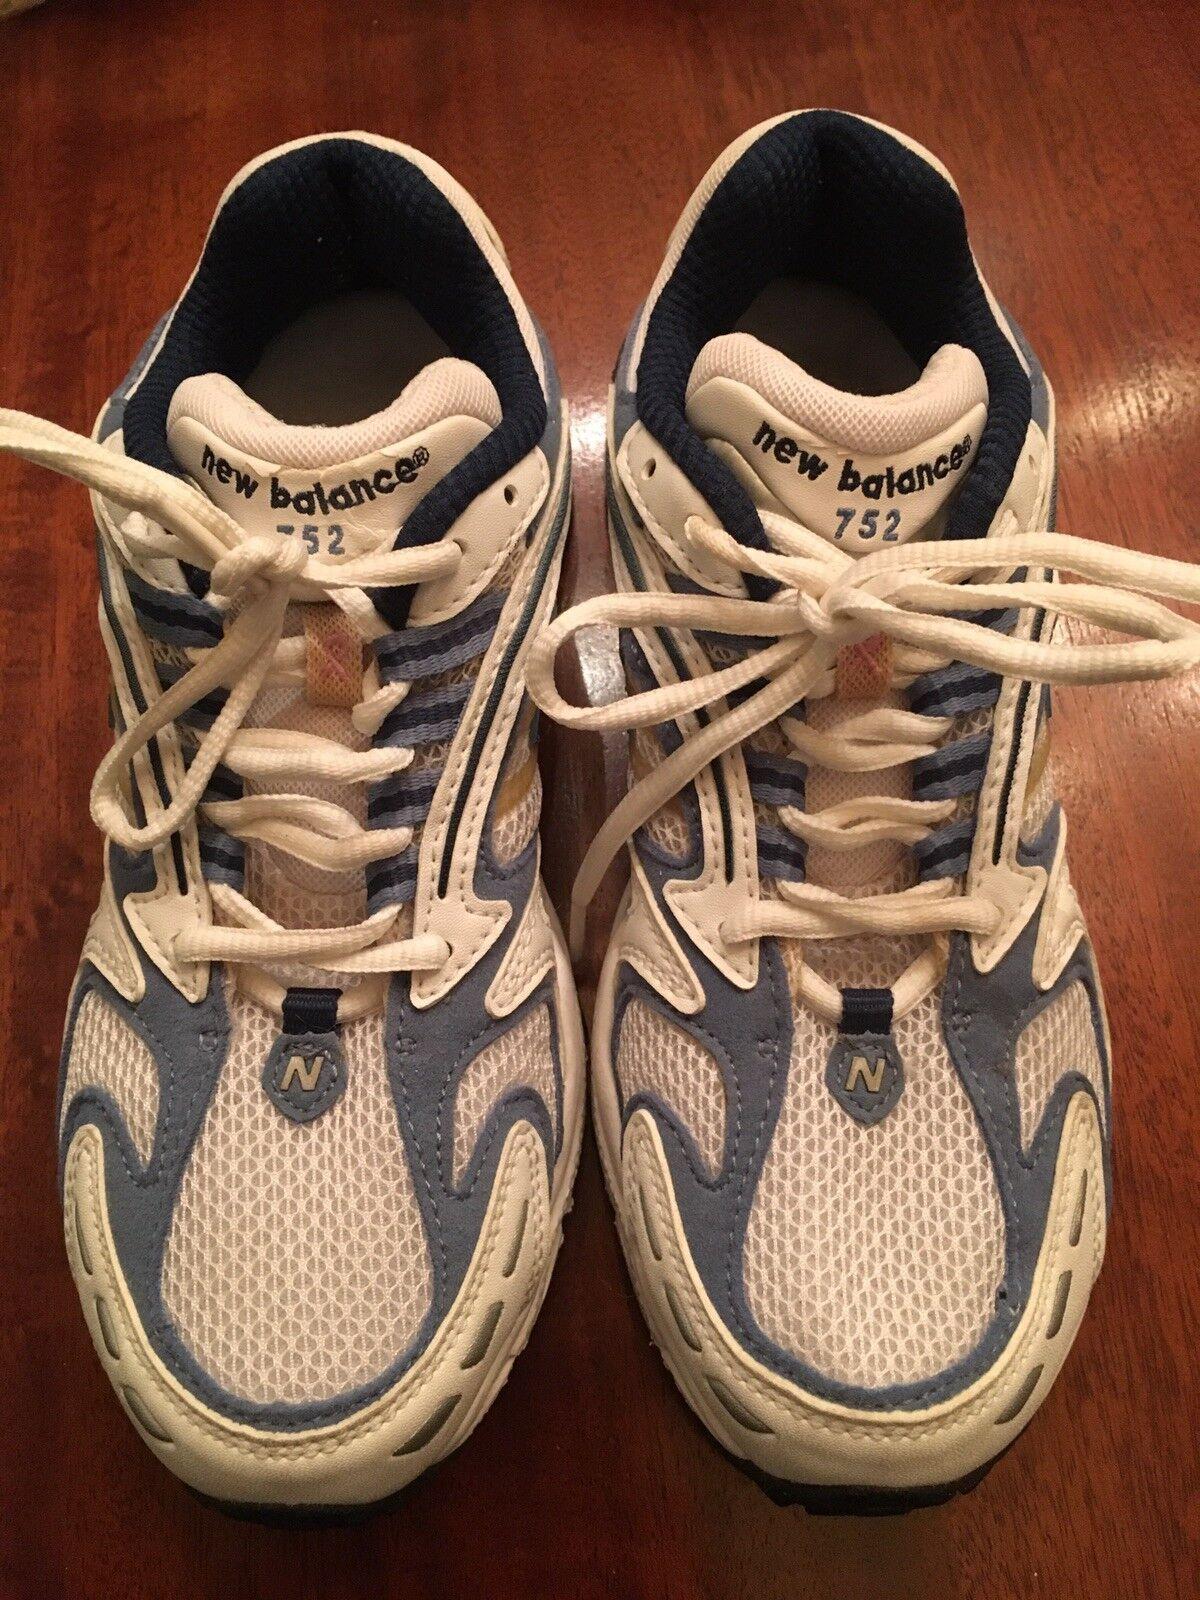 New balance ABZORB 752 mujeres 5 1 2 2 2 Nuevo Sin Etiquetas blancoo Azul Tenis Para Correr  suministro directo de los fabricantes